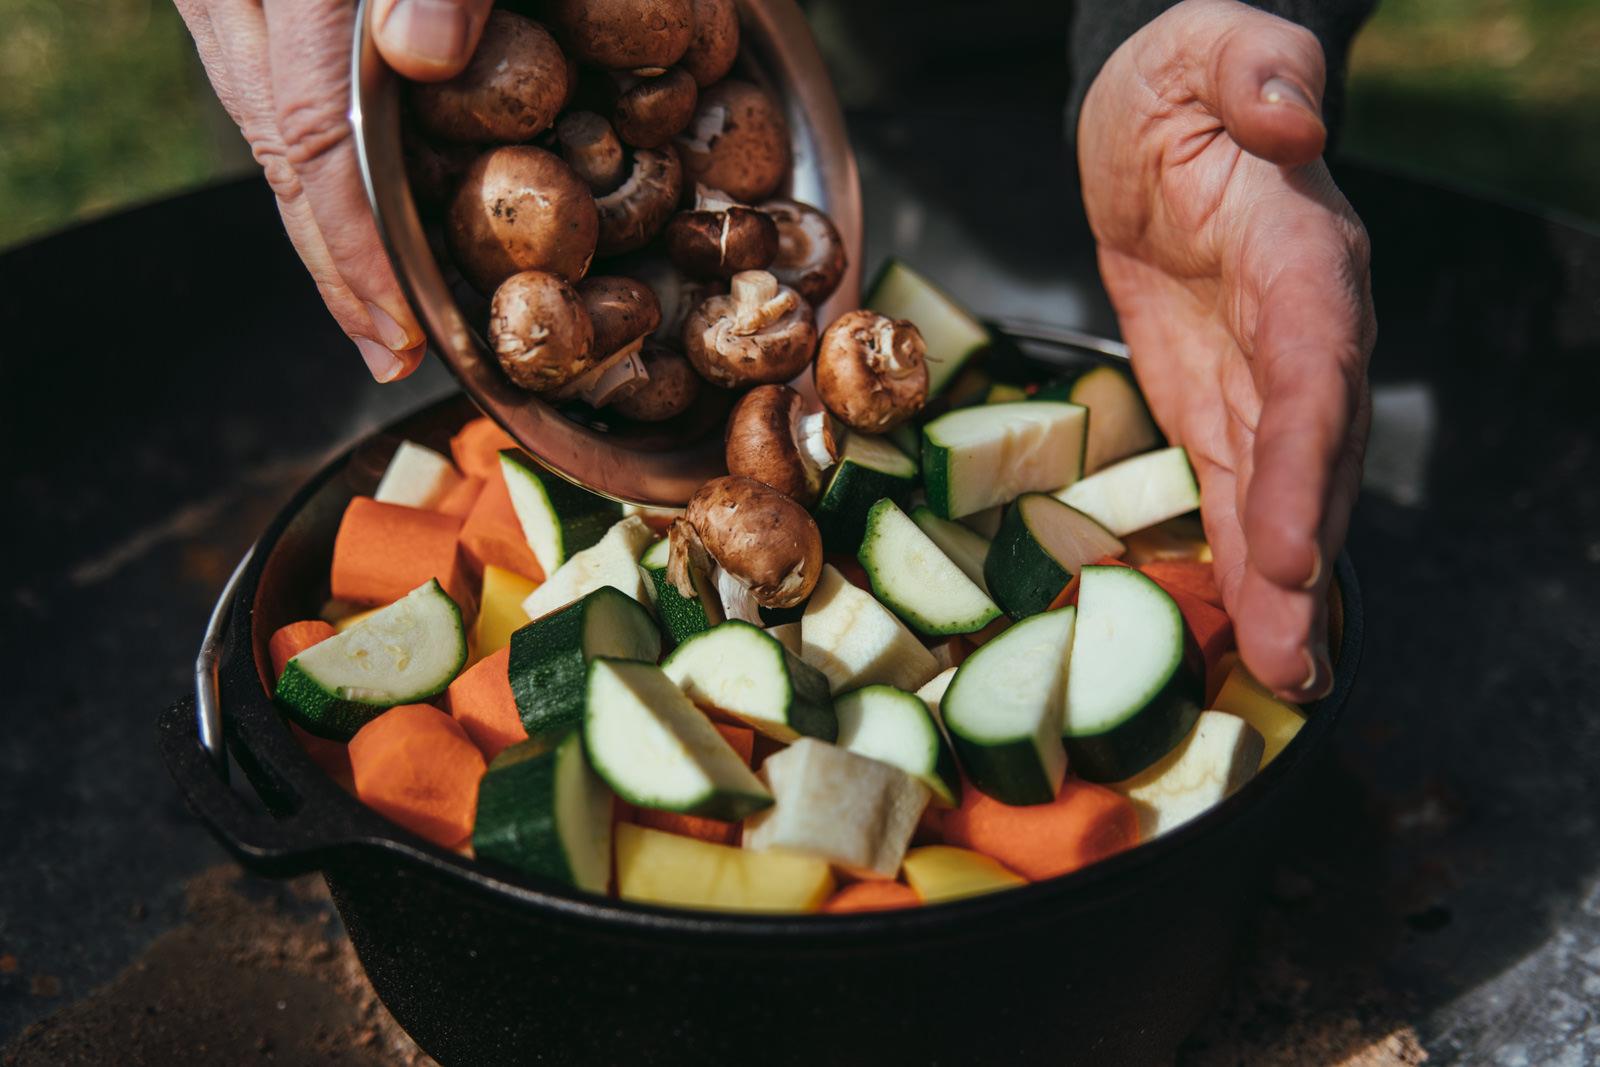 Champignons werden in einen Dutch Oven zugegeben.